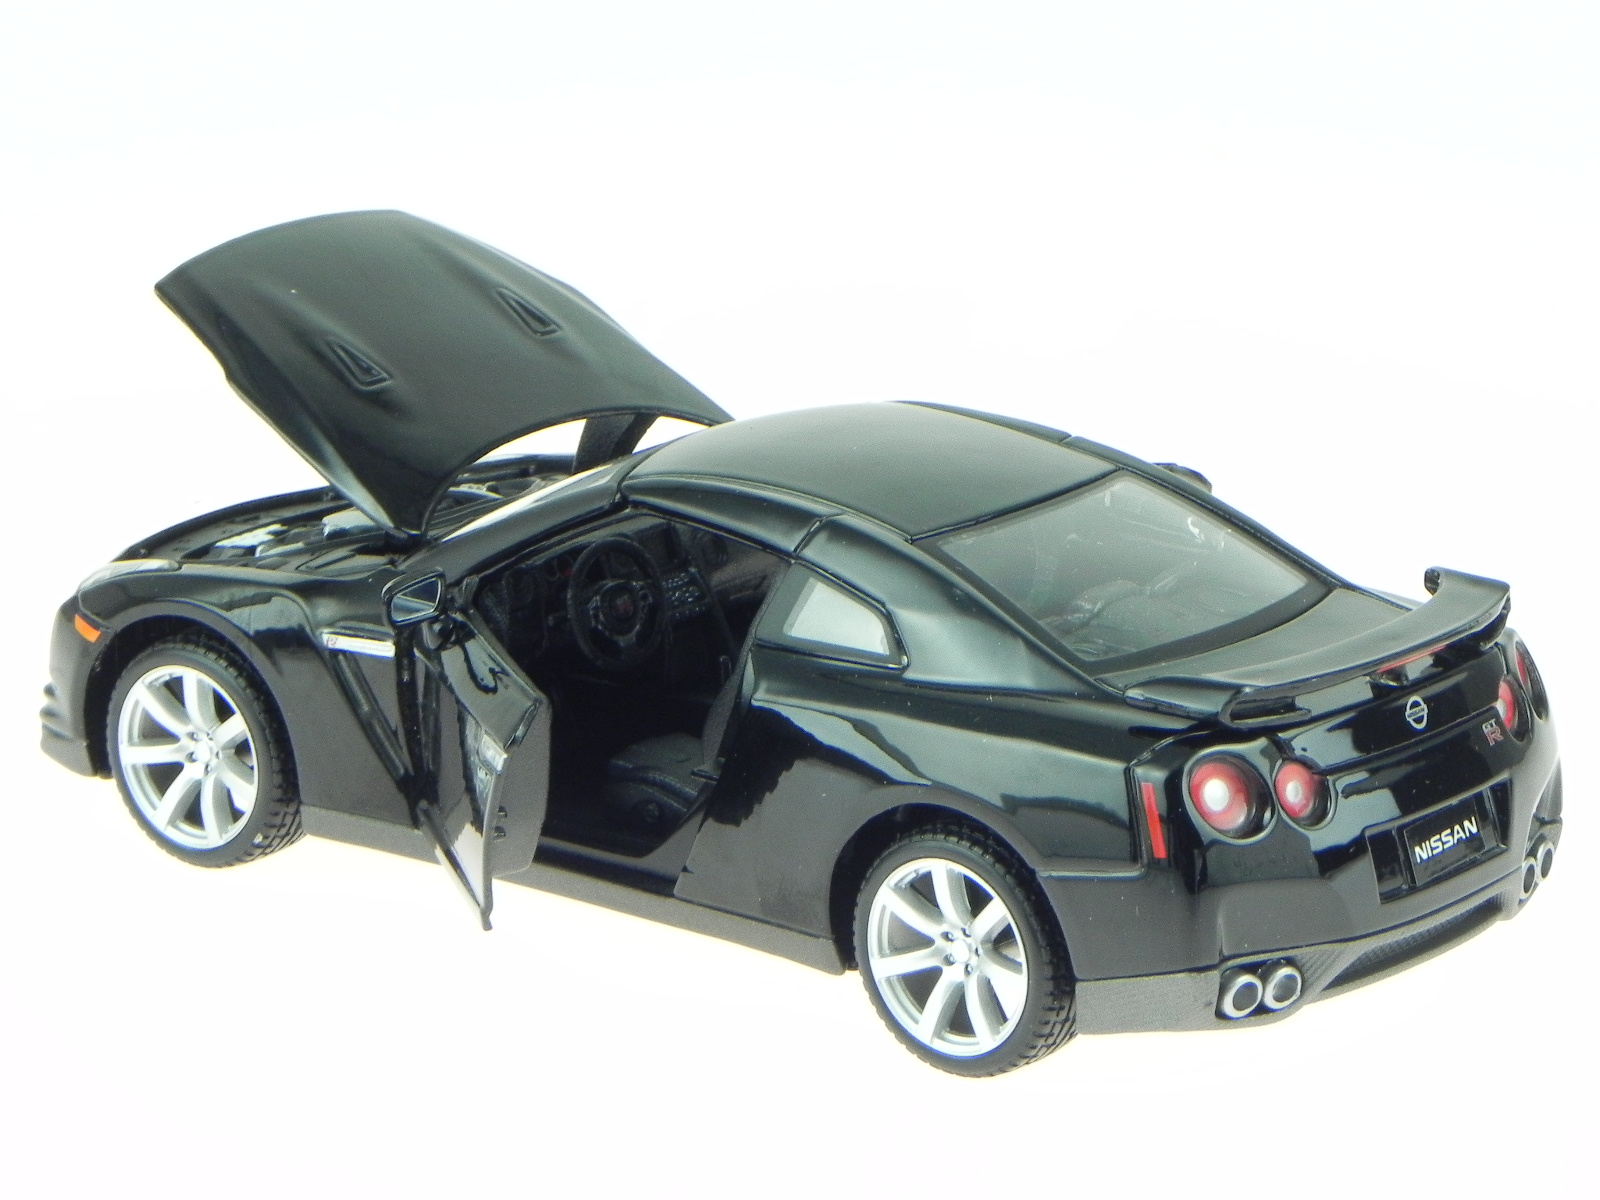 nissan gt r 2009 schwarz modellauto 31294 maisto 1 24 ebay. Black Bedroom Furniture Sets. Home Design Ideas